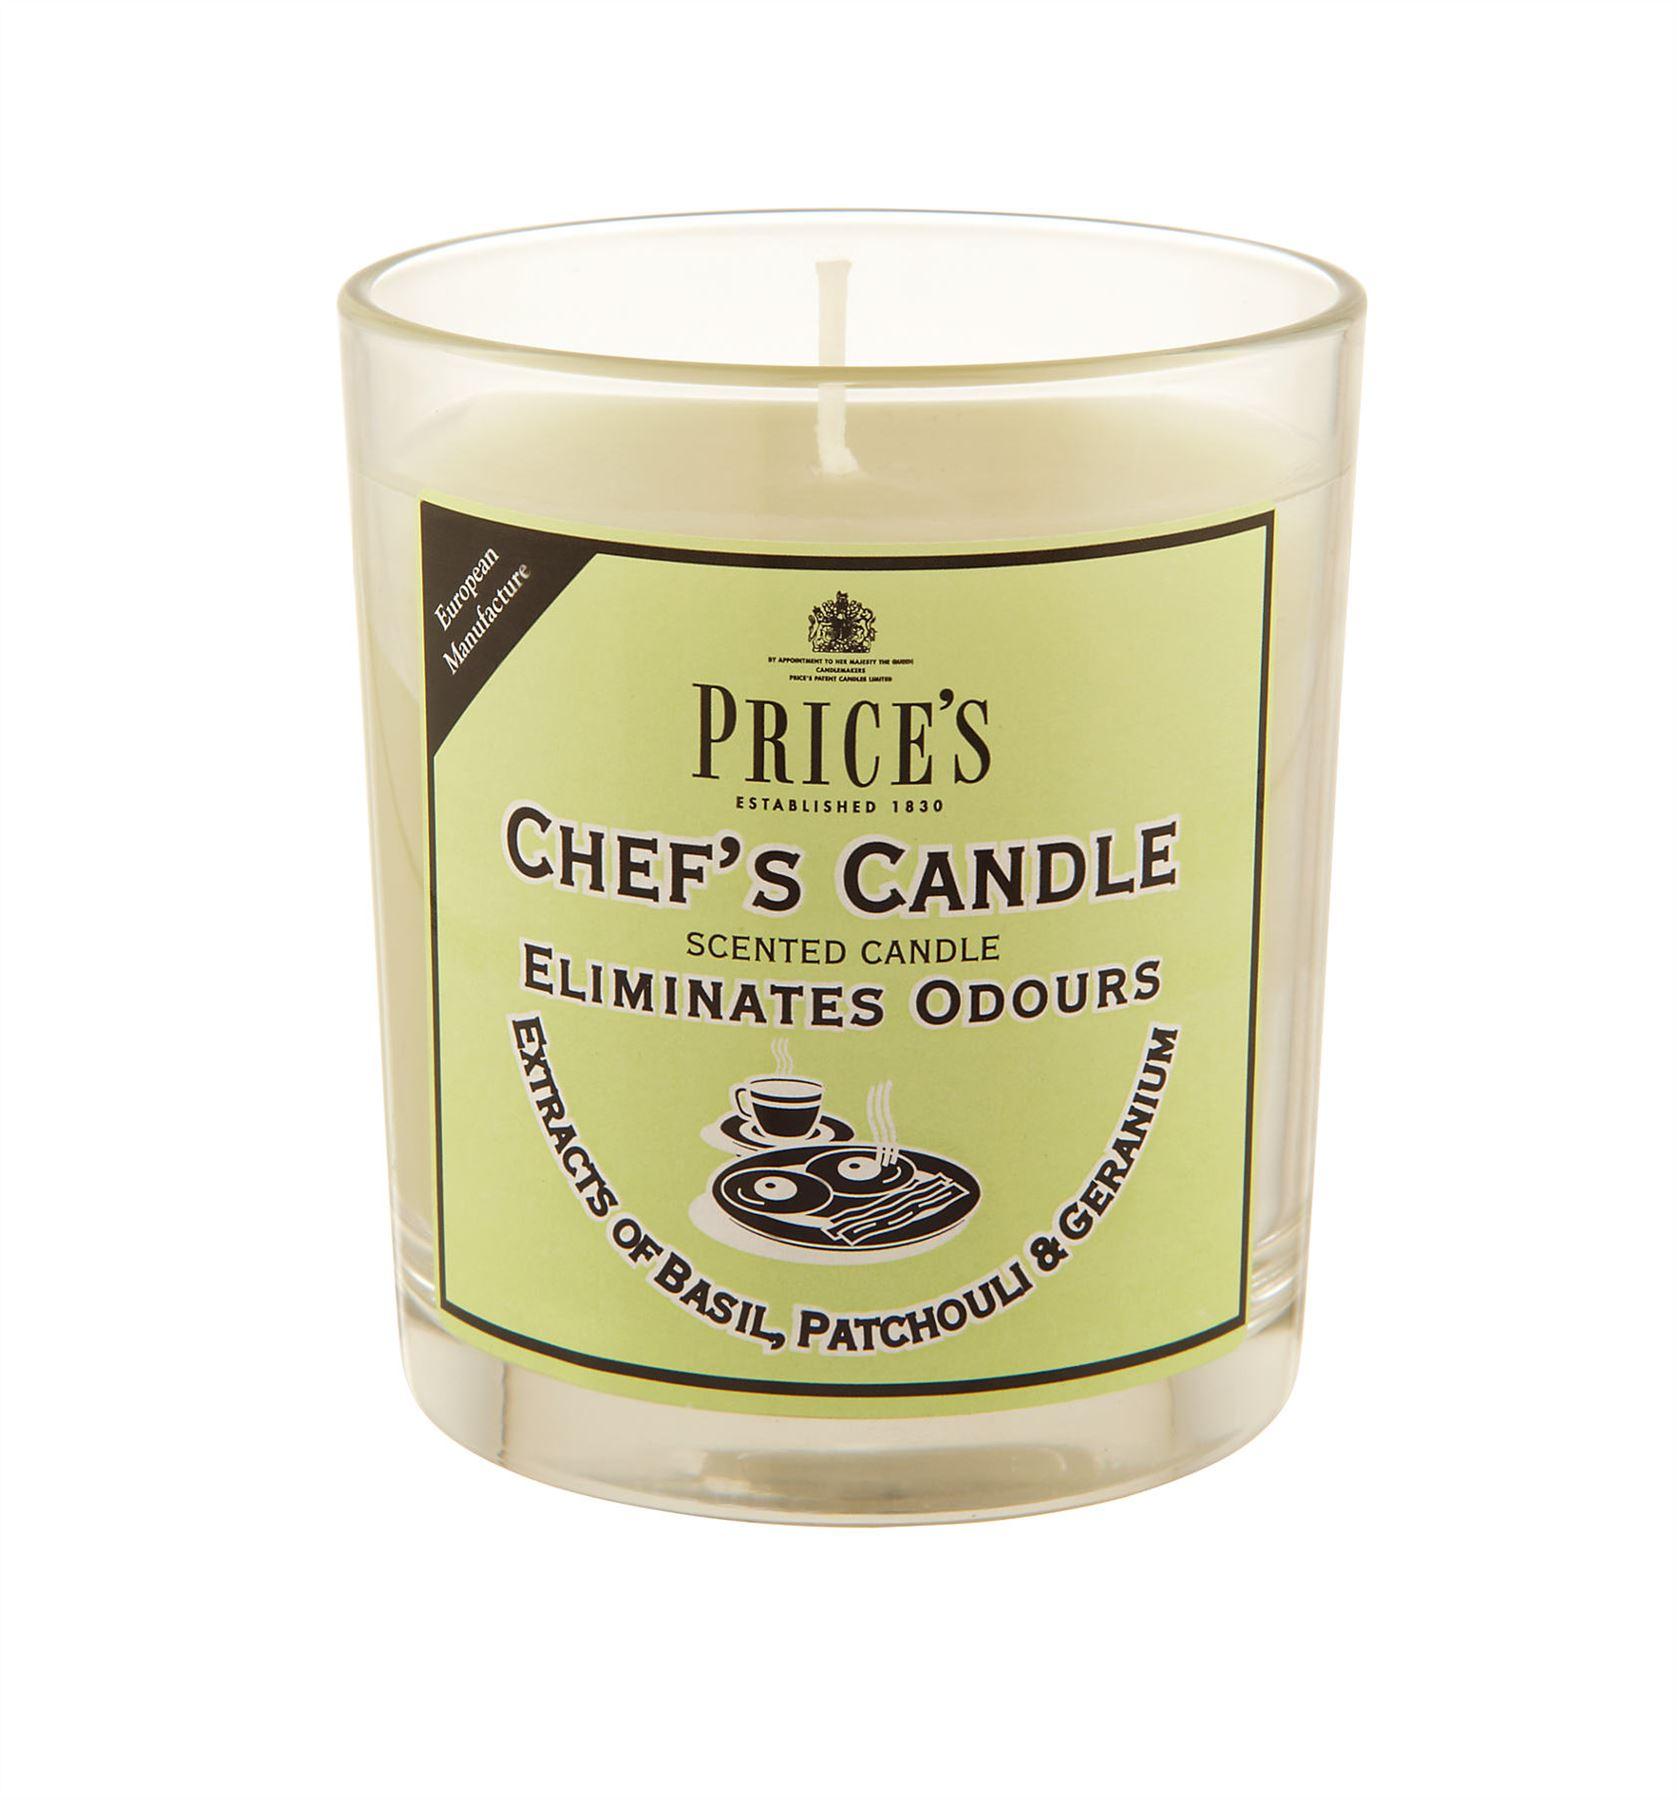 prices candles geruch unterdr ckung fresh air glas gef kerze heimk che ebay. Black Bedroom Furniture Sets. Home Design Ideas